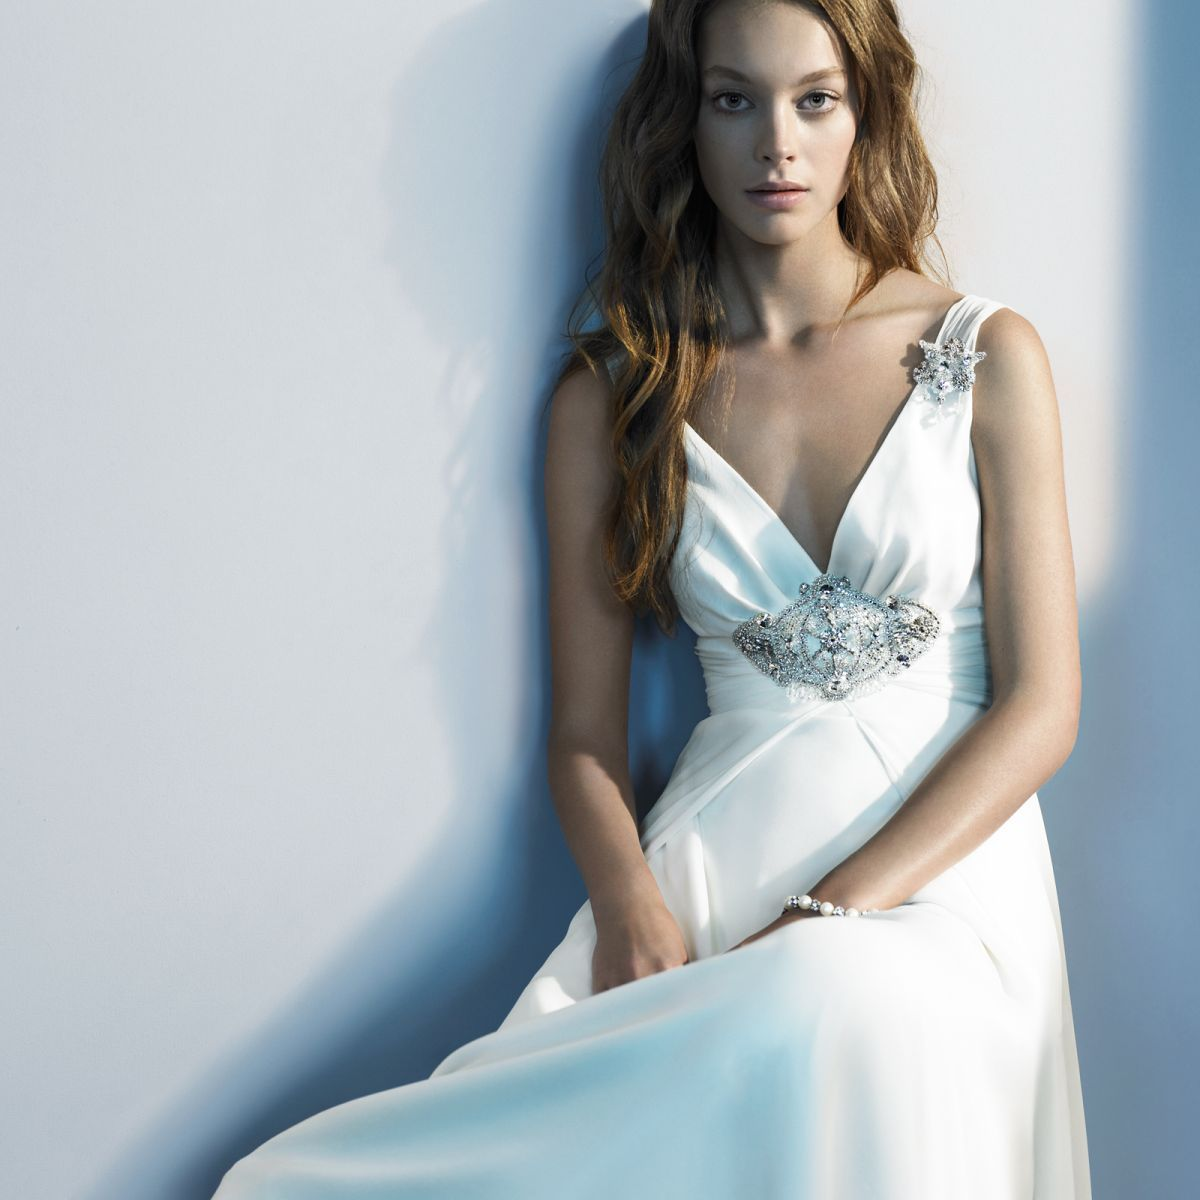 ce31cacc431 Νυφικά διακριτικά φορέματα - myWeddingStar.gr - Ο δικος σας γαμος ...